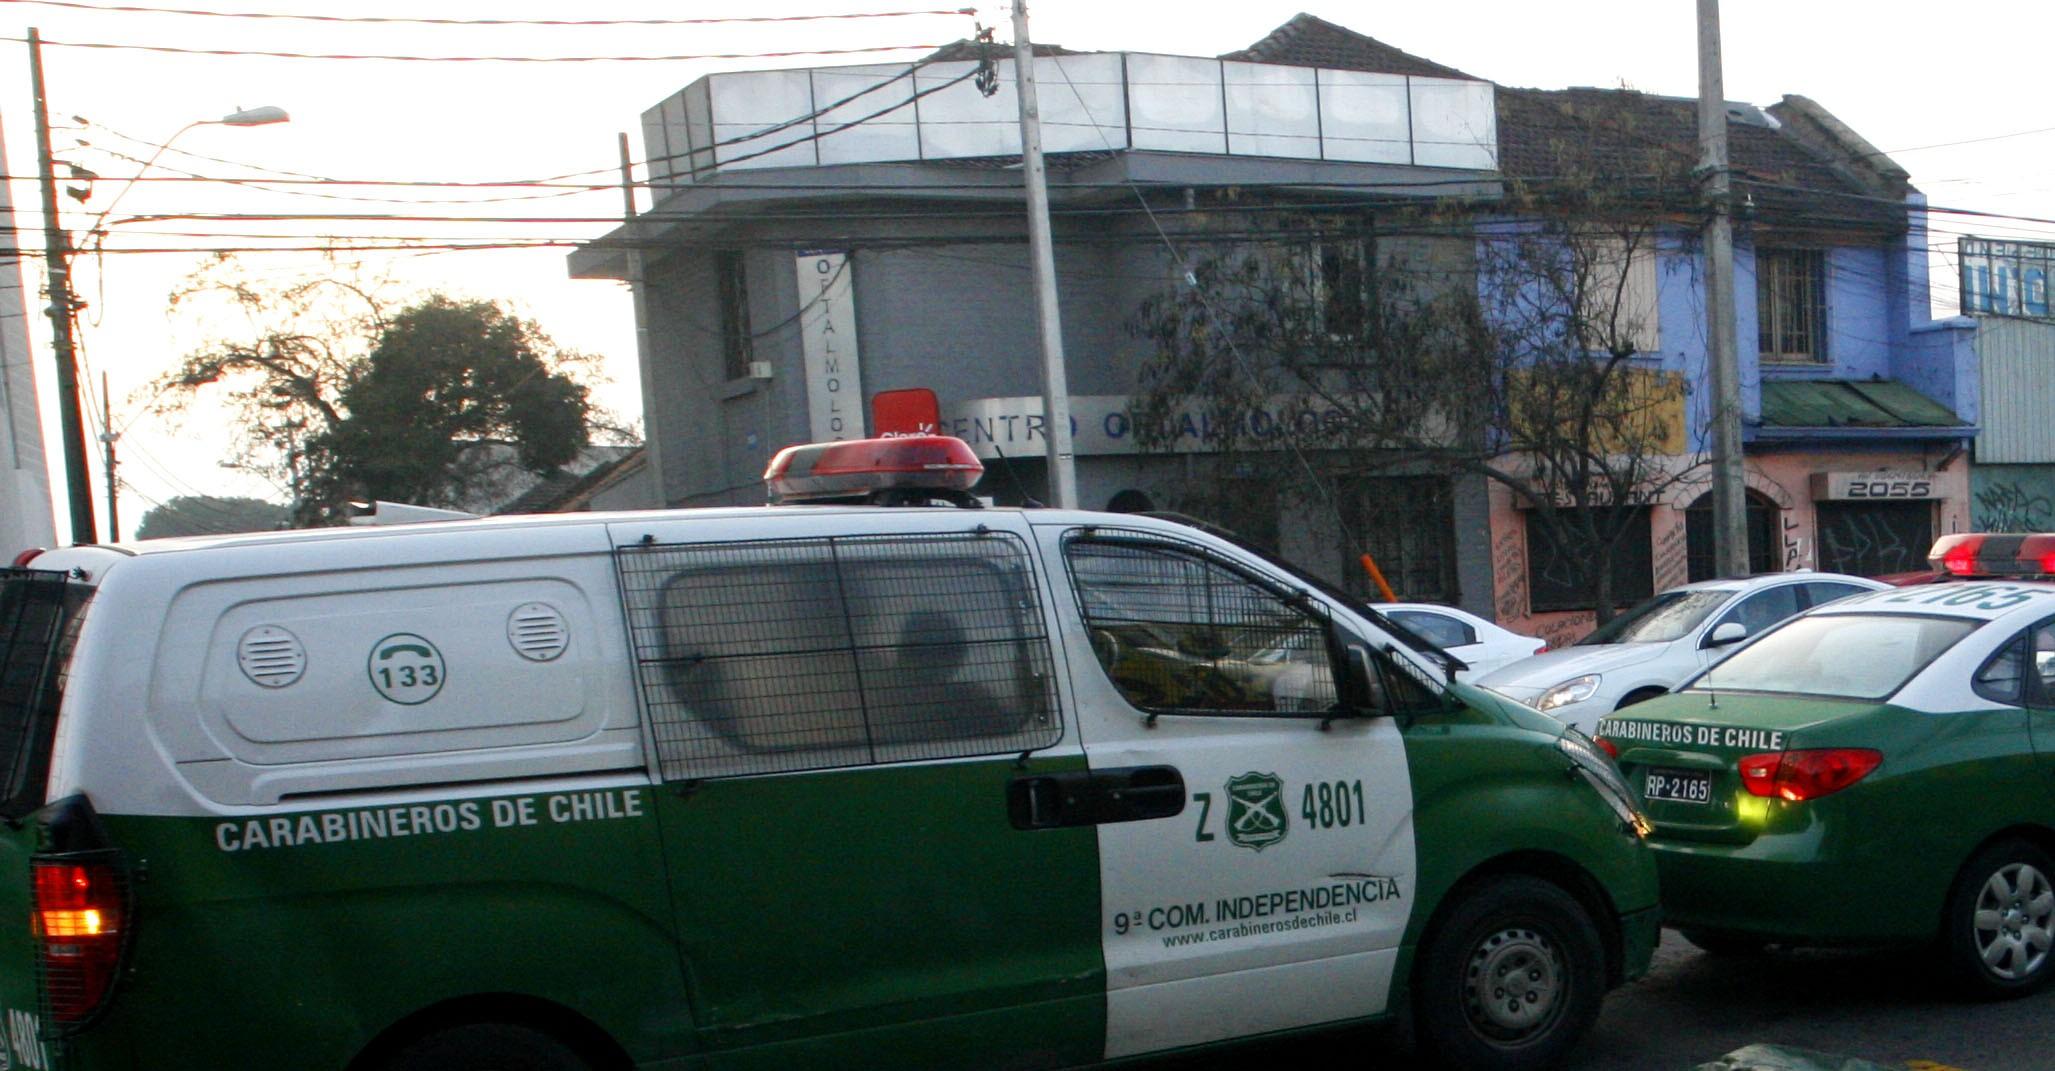 Archivo   Francisco Castillo   Agencia UNO